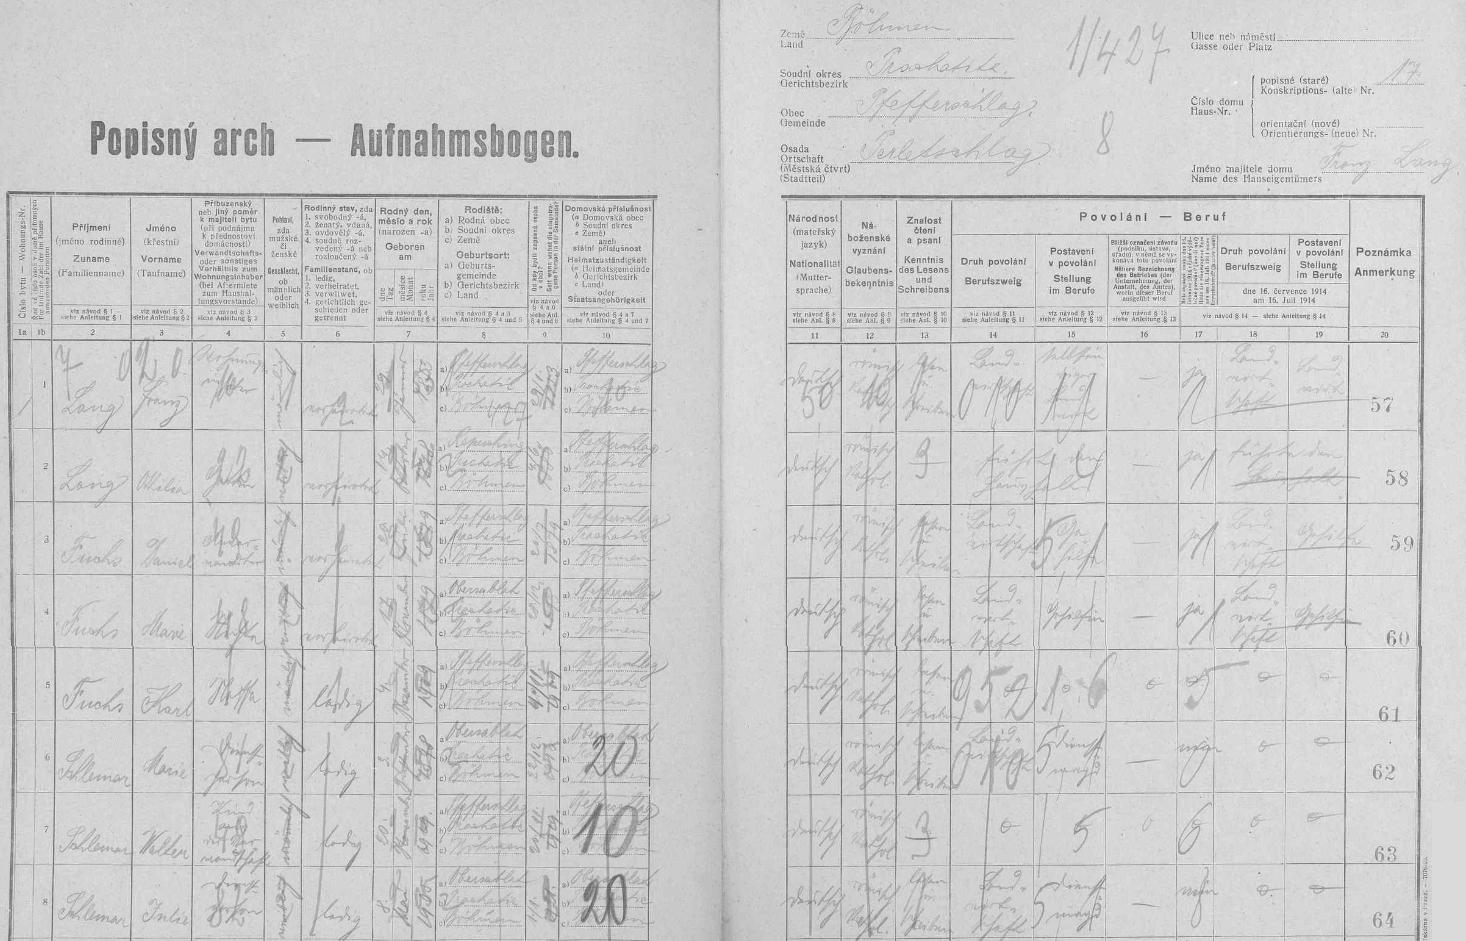 """Arch sčítání lidu z roku 1921 pro perlovické stavení čp. 17, kde žil jeho majitel Franz Lang (*29. ledna 1853 v Perlovicích), jeho žena Ottilie (*14. října 1848 v Řepešíně), jejich neteř Marie Jakschiová, provd.Fuchsová se svým manželem Danielem a synem Karlem, jakož i služebné síly Marie a Julie Schlemarovy s """"dítětem z příbuzenstva"""" Walterem Schlemarem"""